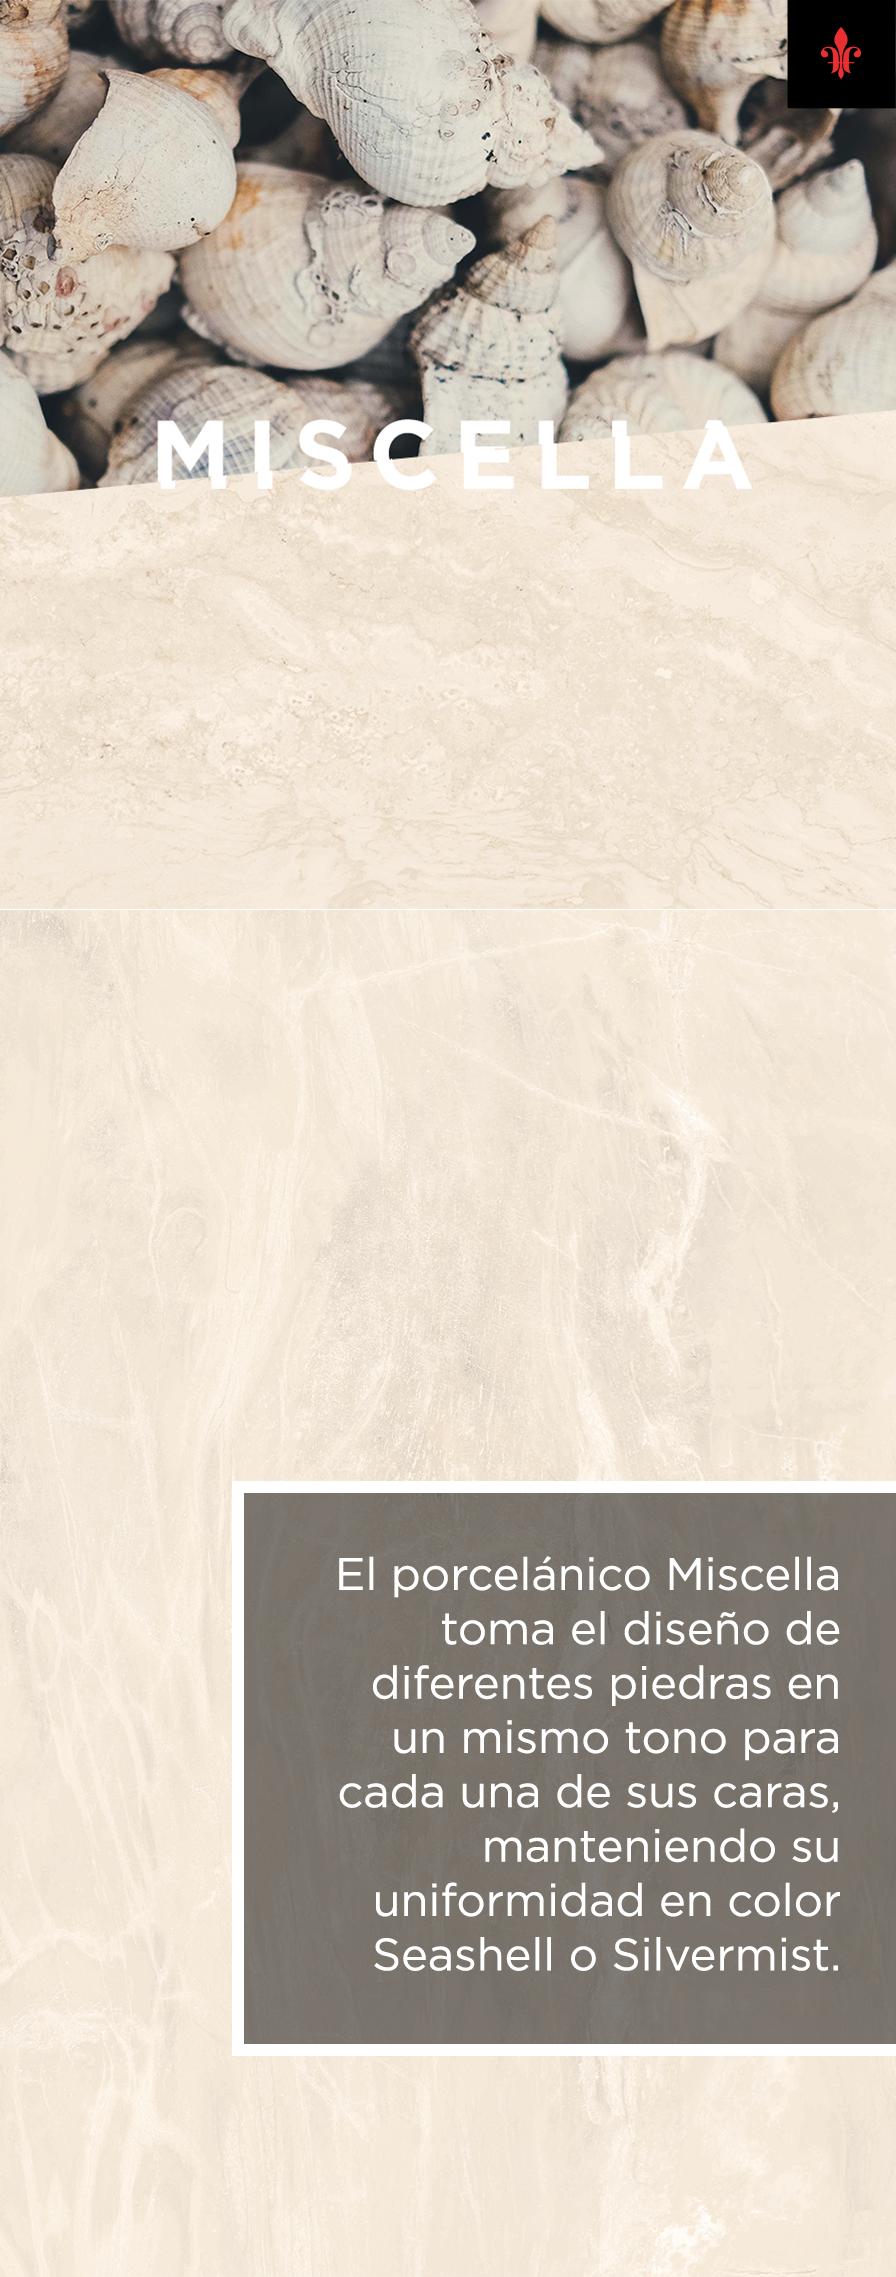 El porcelánico Miscella es una pieza que cuida cada detalle. Sus finas vetas toman diseños marmoleados de diversas piedras que, a la vez, se unifican por su fluidez y tono árido haciendo referencia a la arena y el mar.